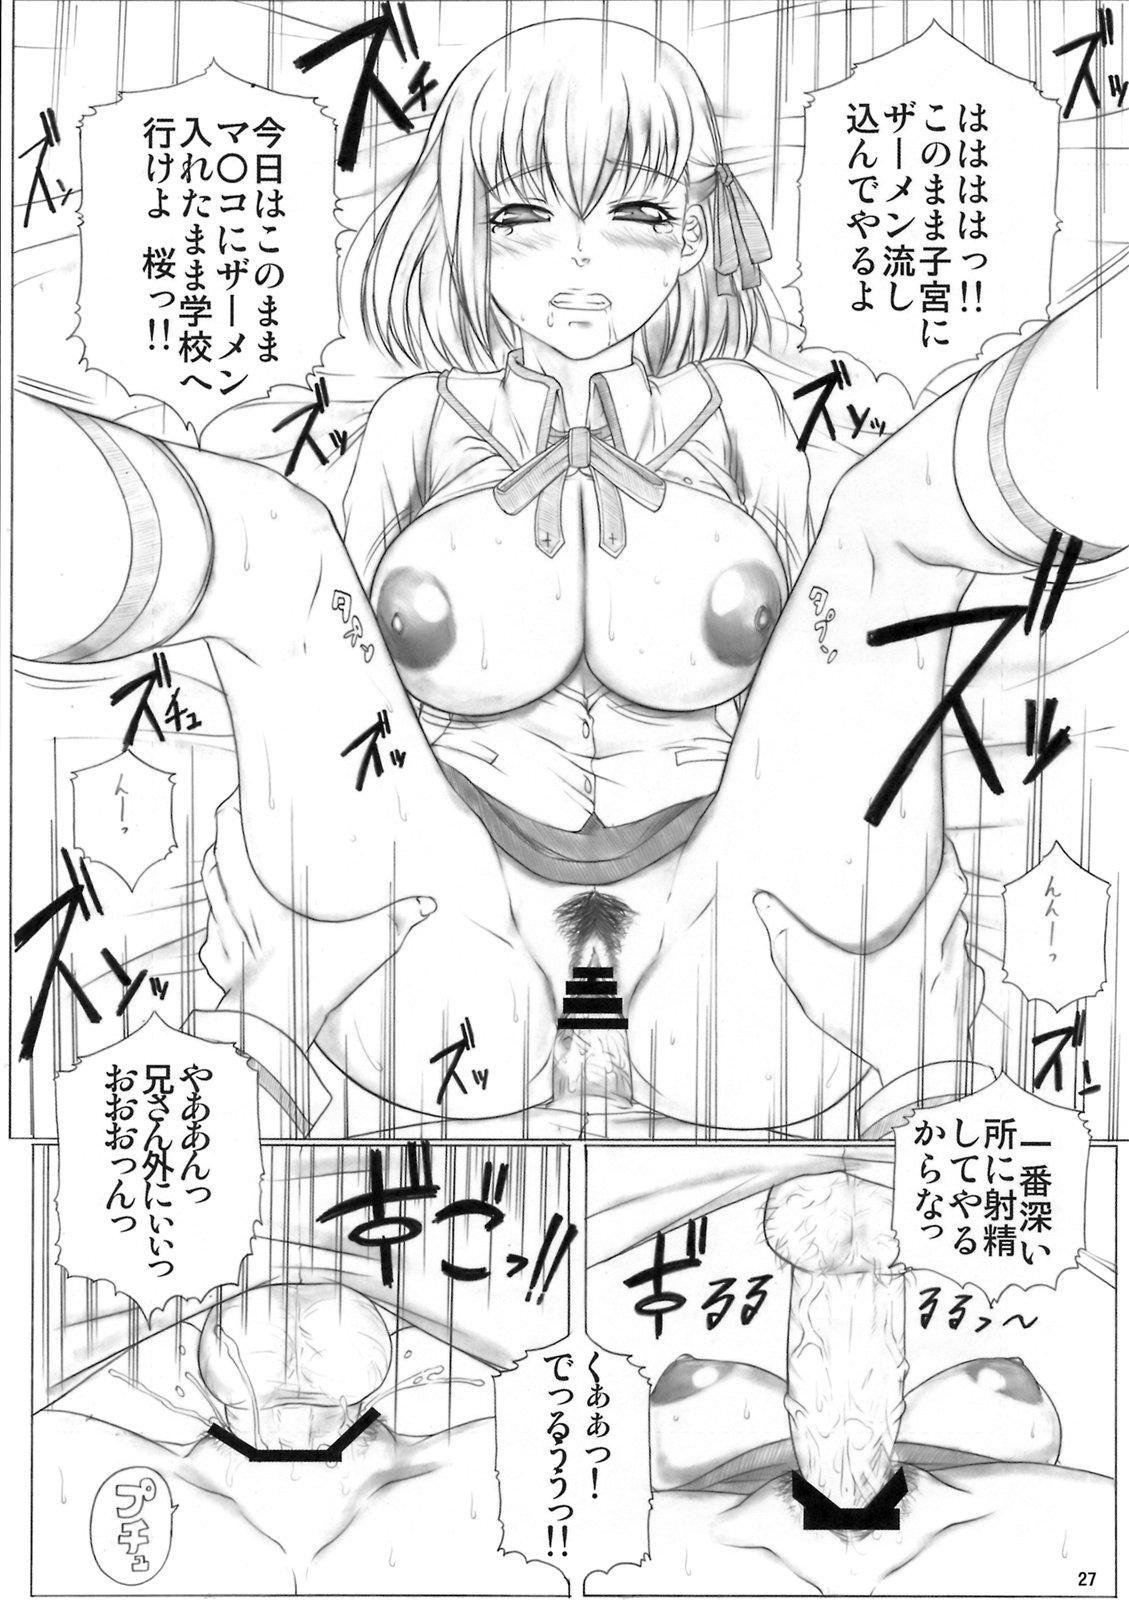 Angel's Stroke 14 Kuroki Sakura no Mai Chiru Yoru ni 27